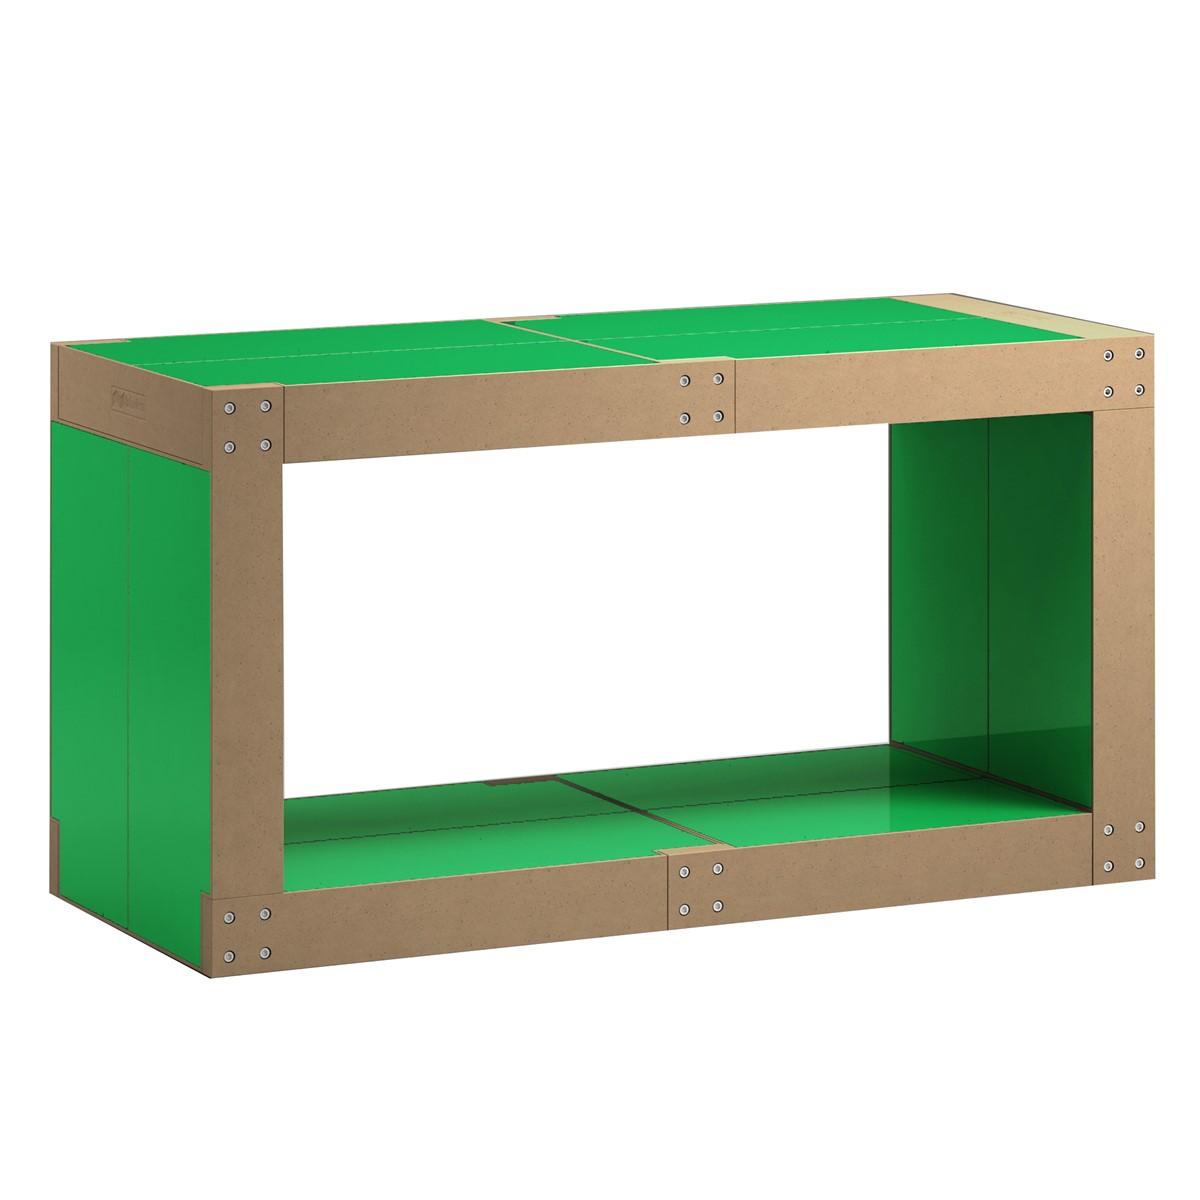 Table Basse Gris Souris u2013 Ezooq com # Table Basse Modulable Bois